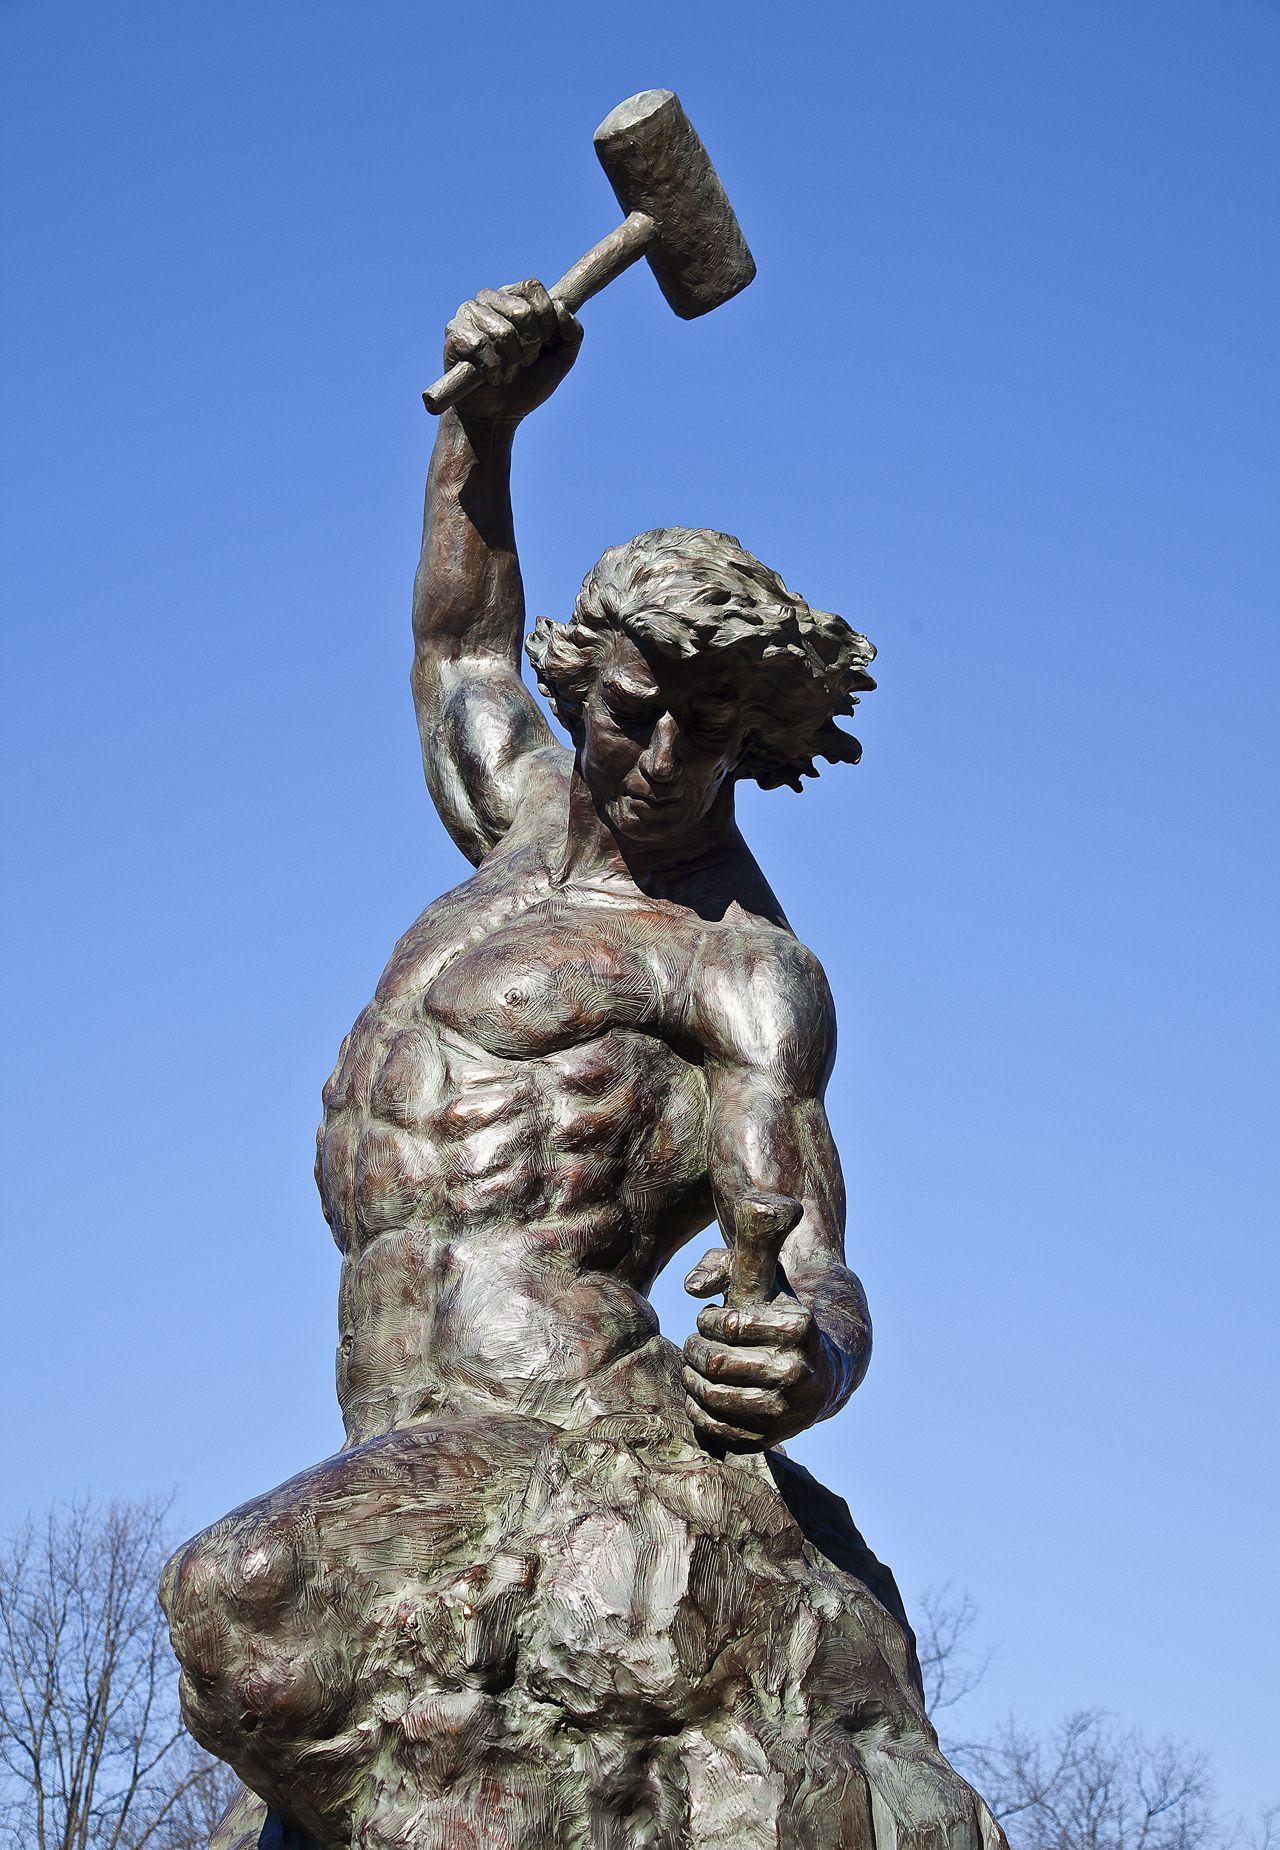 ترسهایم را میتراشم و از آن اهدافم را بیرون میکشم؛ همچون مجسمه داوود از دل تختهسنگ